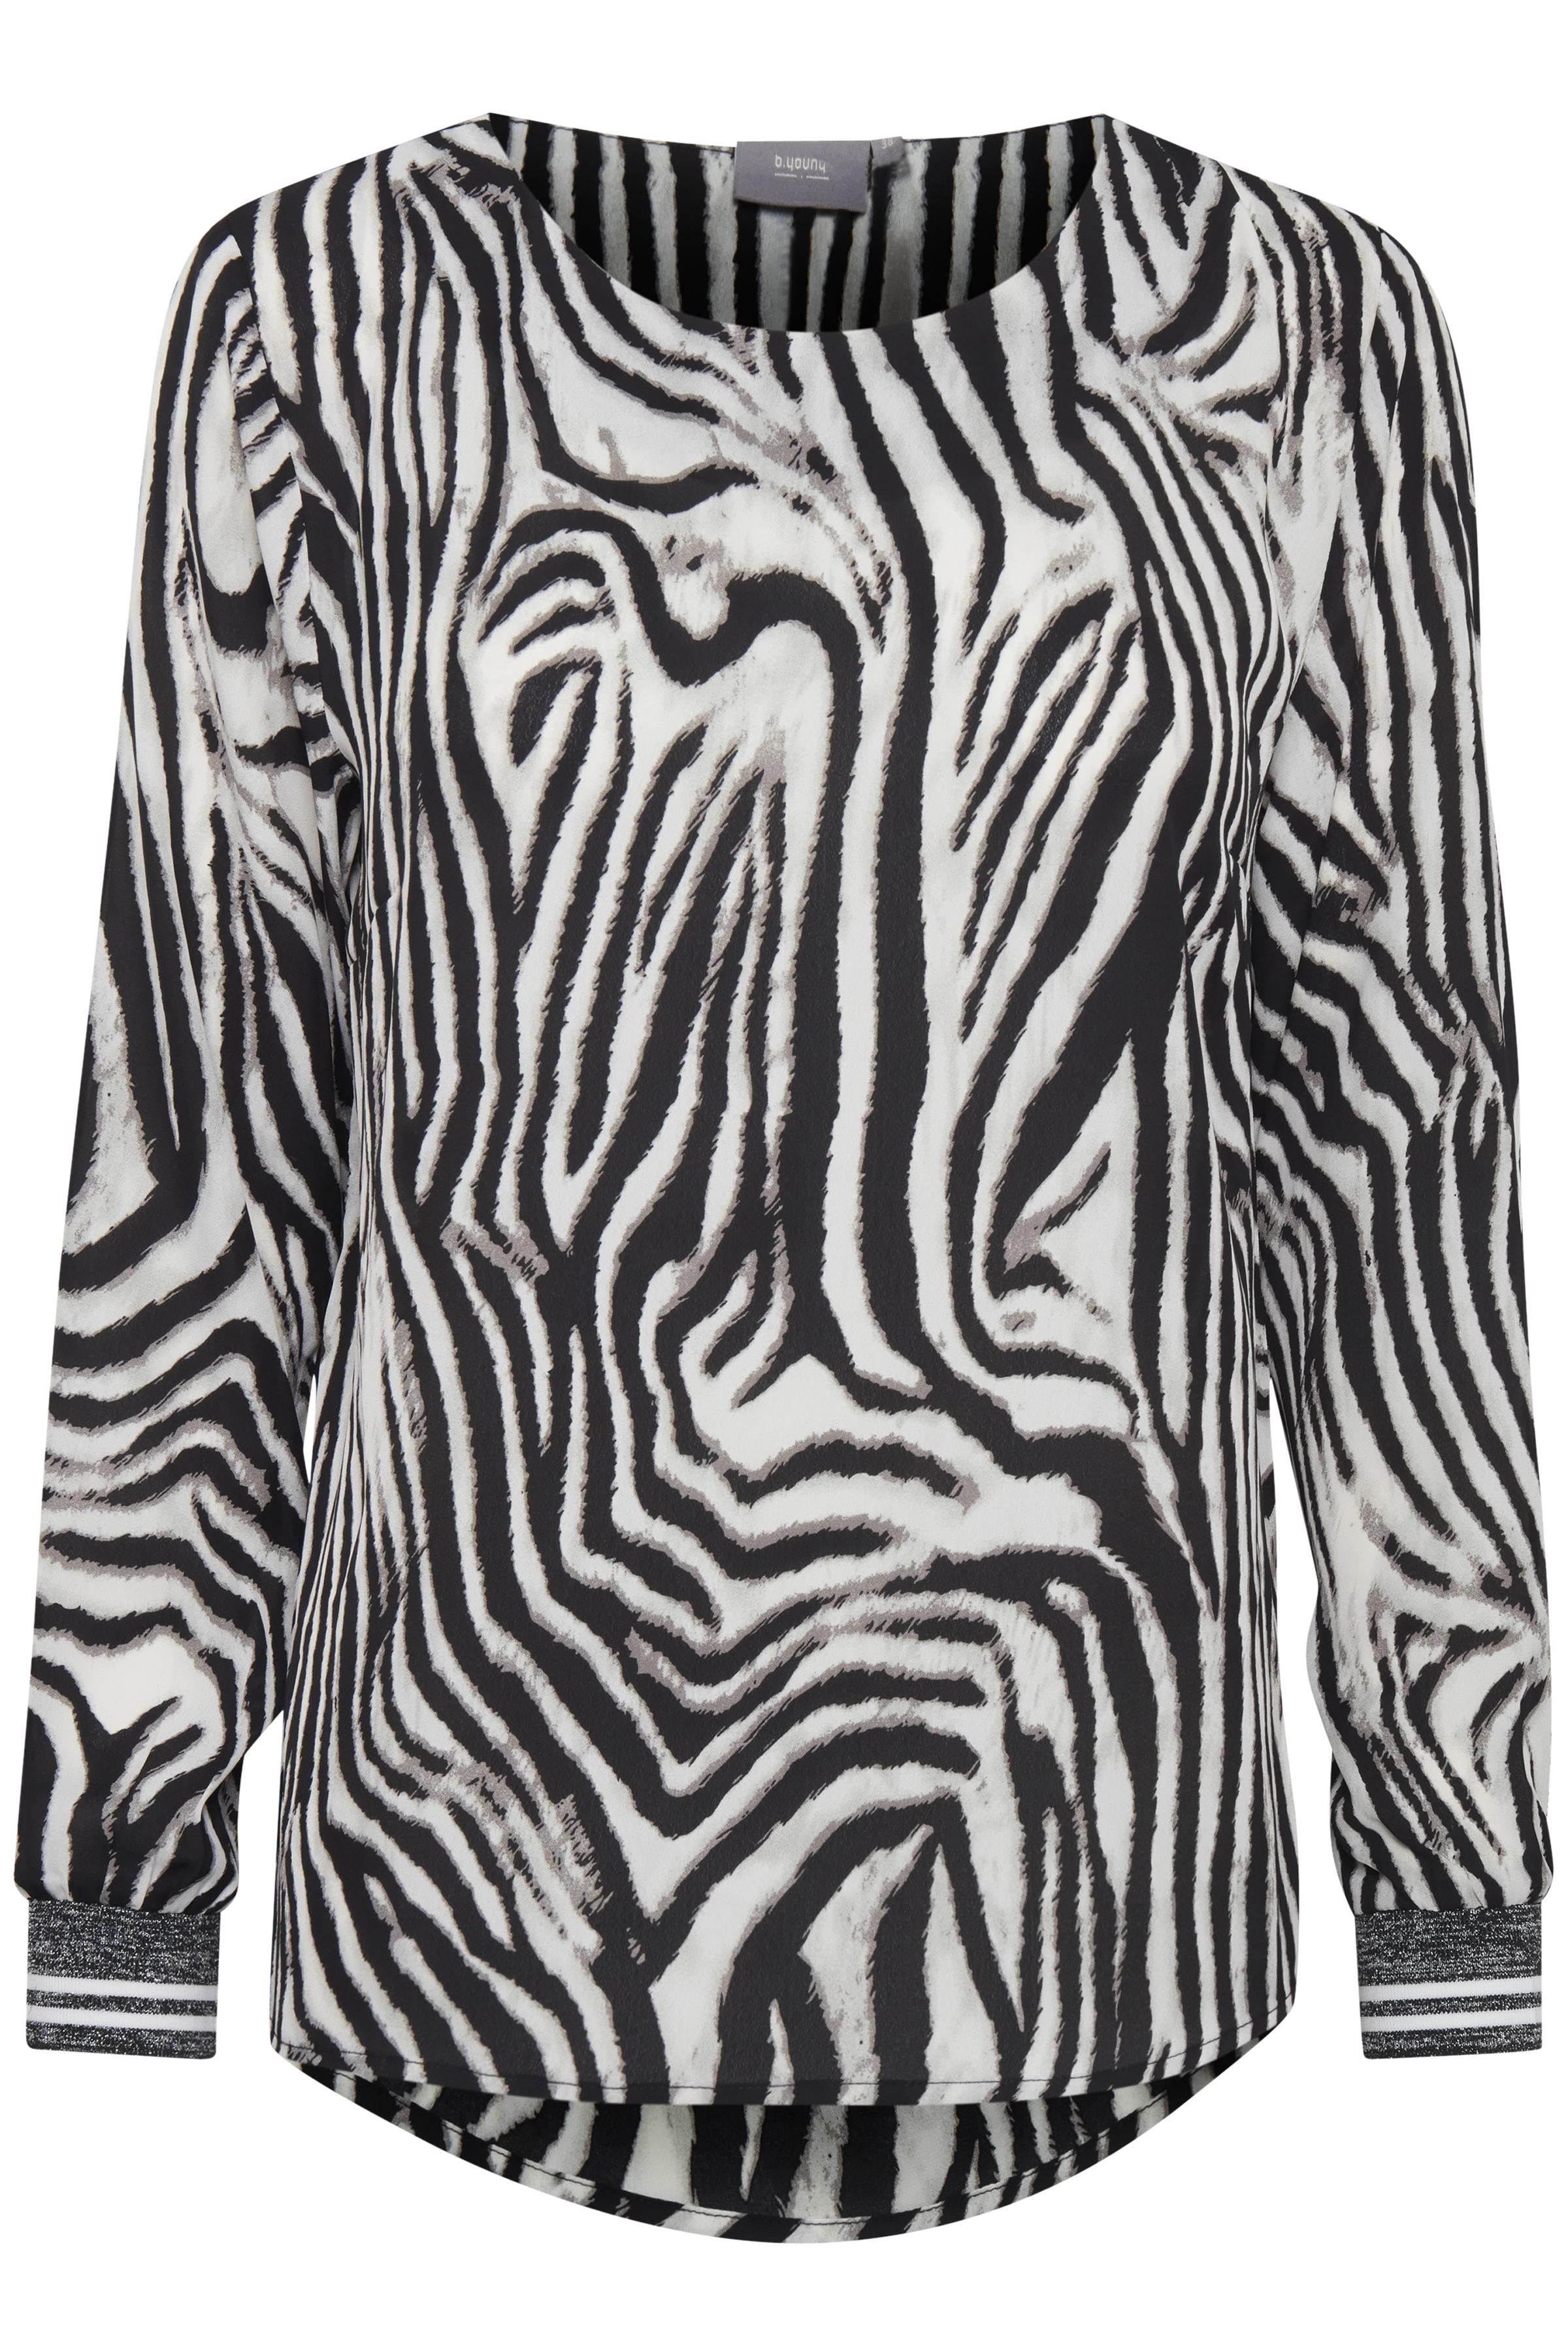 Zebra combi 1 Langærmet bluse fra b.young – Køb Zebra combi 1 Langærmet bluse fra str. 34-42 her